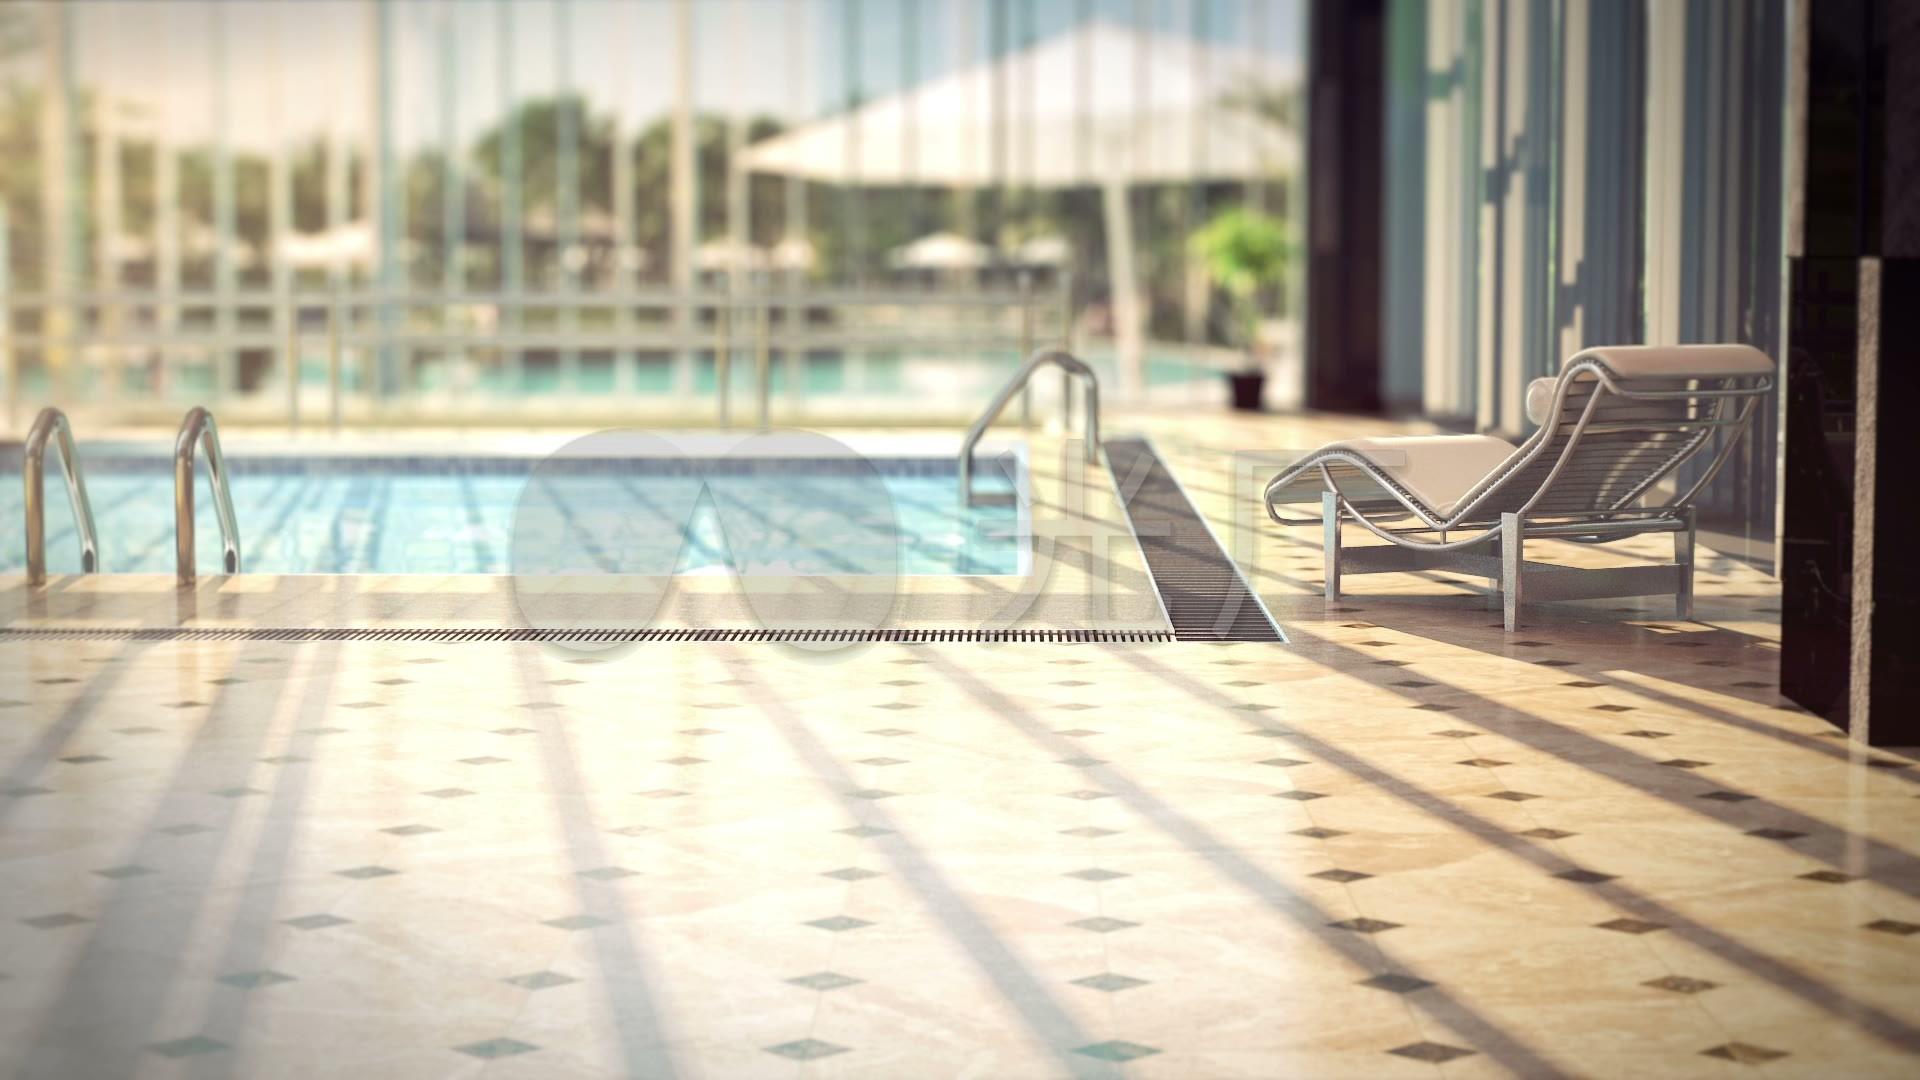 3d素材视频游泳池_1920X1080_高清动画光影贵阳装修设计别墅图片